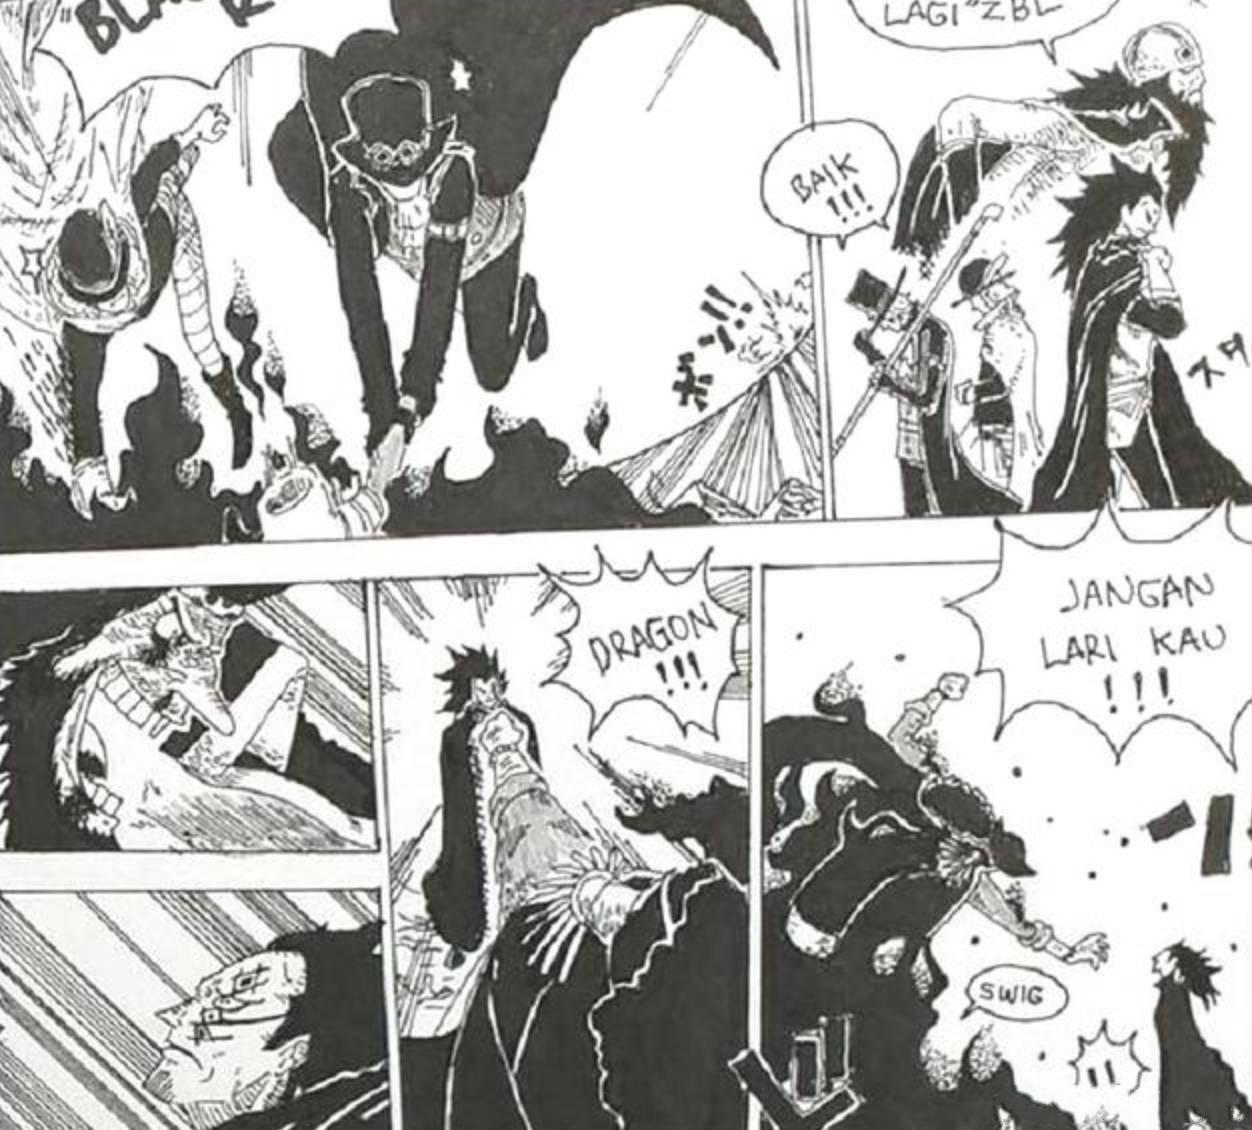 贴吧海贼王:黑胡子突袭革命军,却被龙一拳击败,实力相差巨大